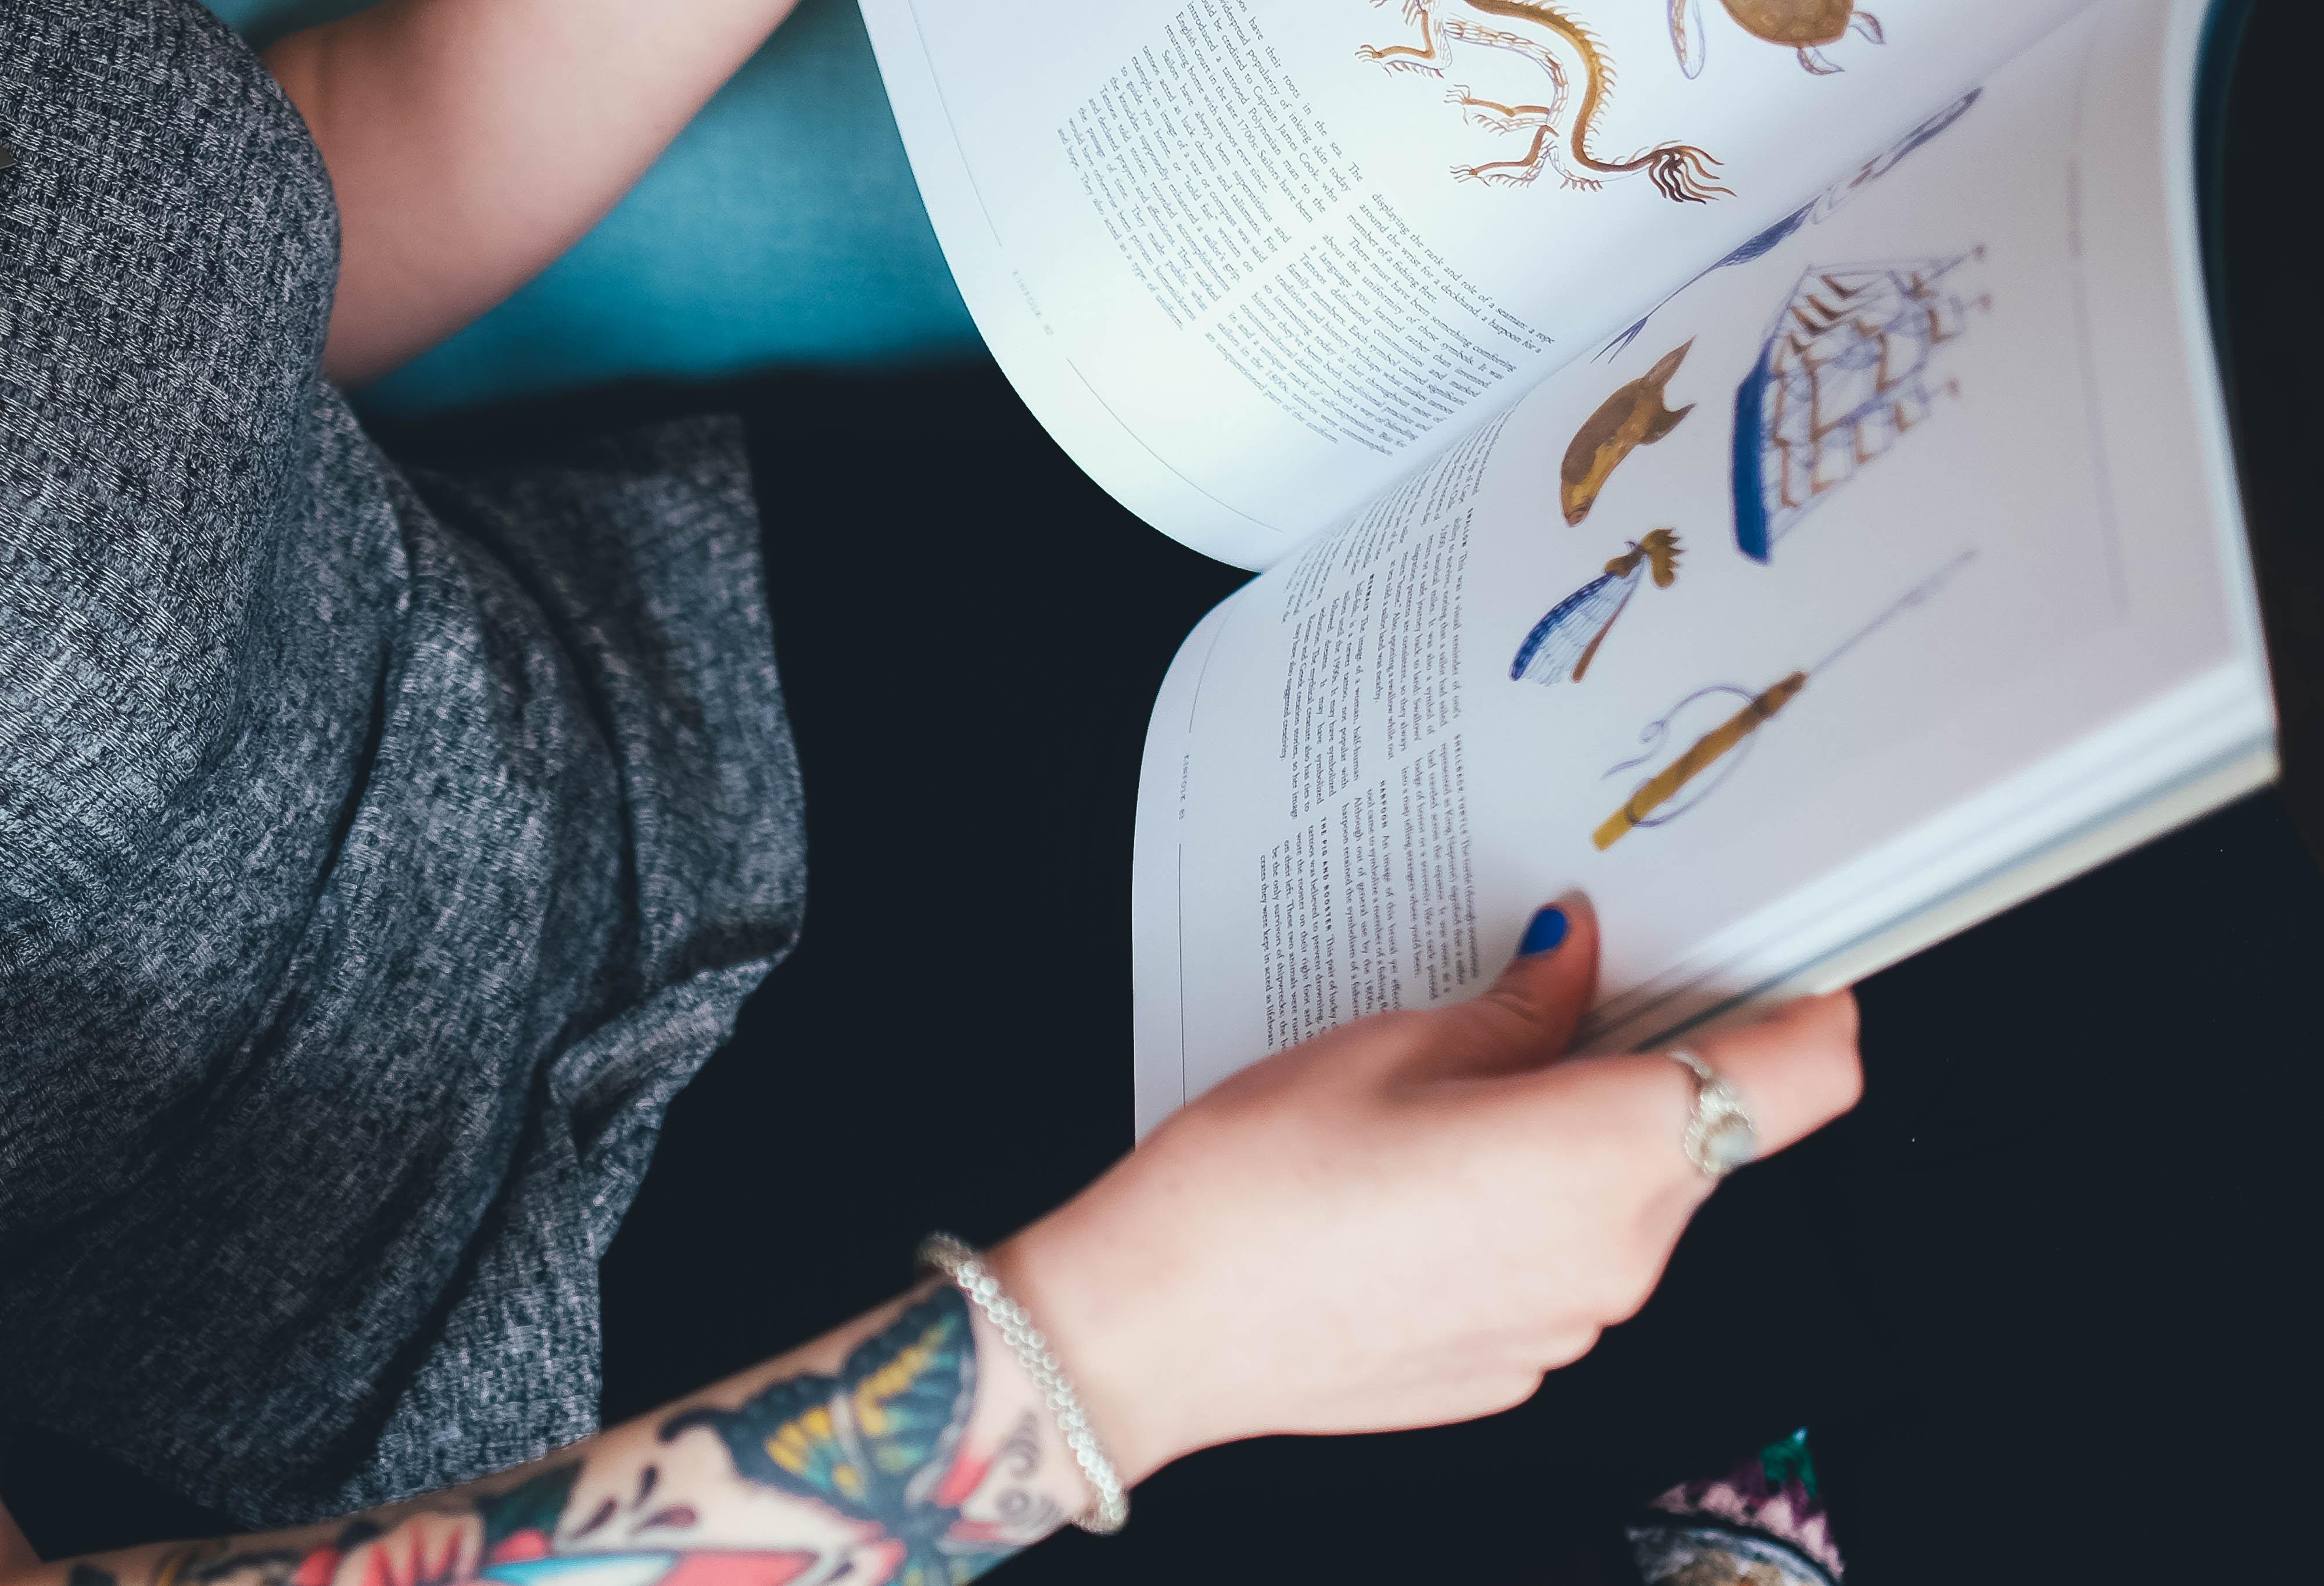 någon läser en skolbok